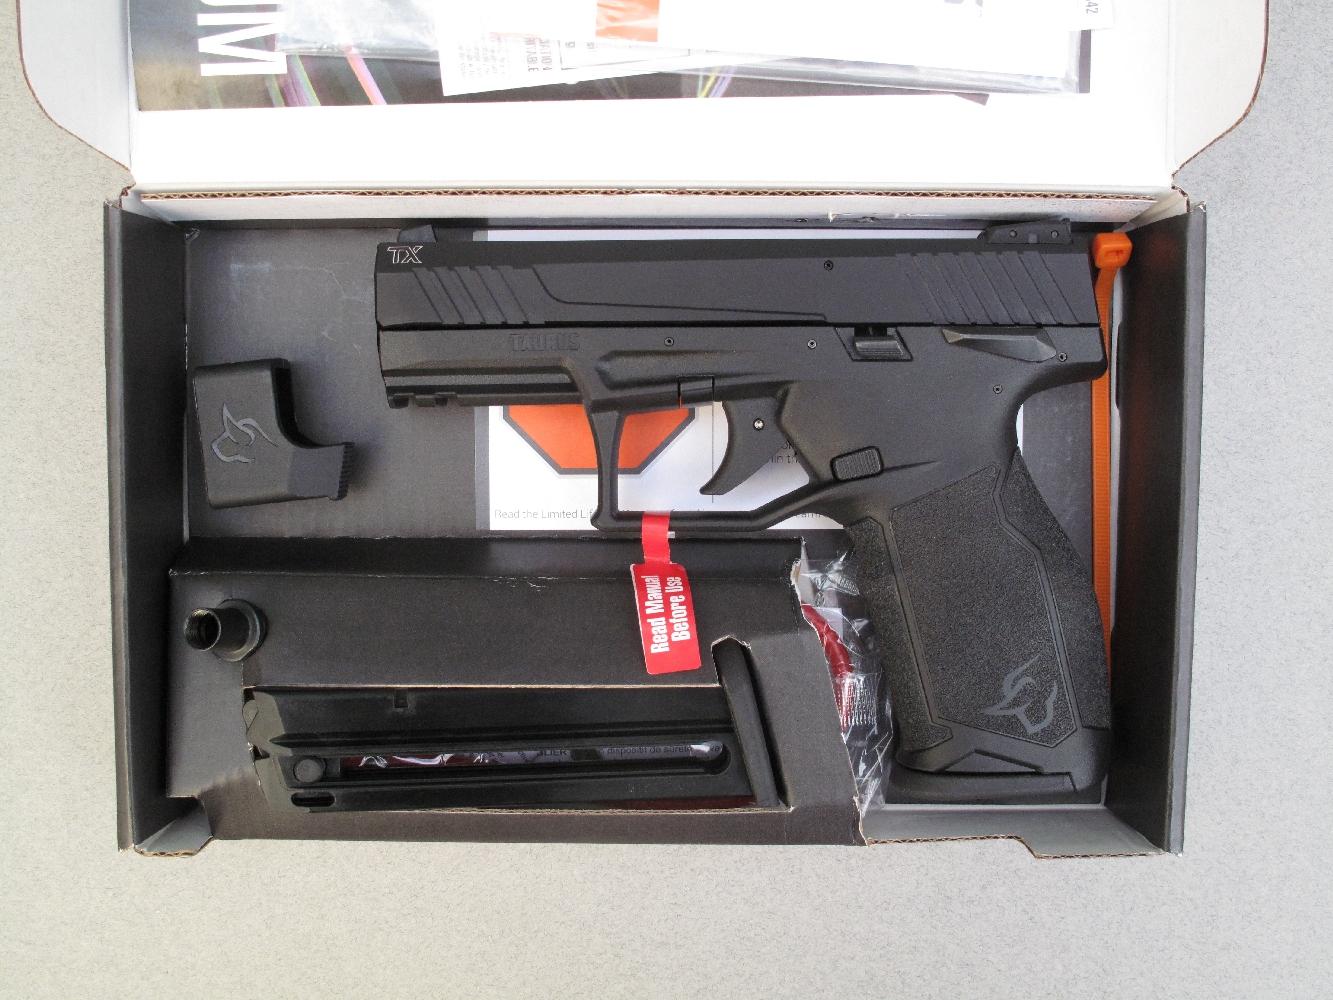 Ce pistolet est livré dans une simple boîte en carton, accompagné par deux chargeurs, une chargette et un cadenas à câble. La bague adaptatrice indispensable pour l'installation d'un silencieux est en option.